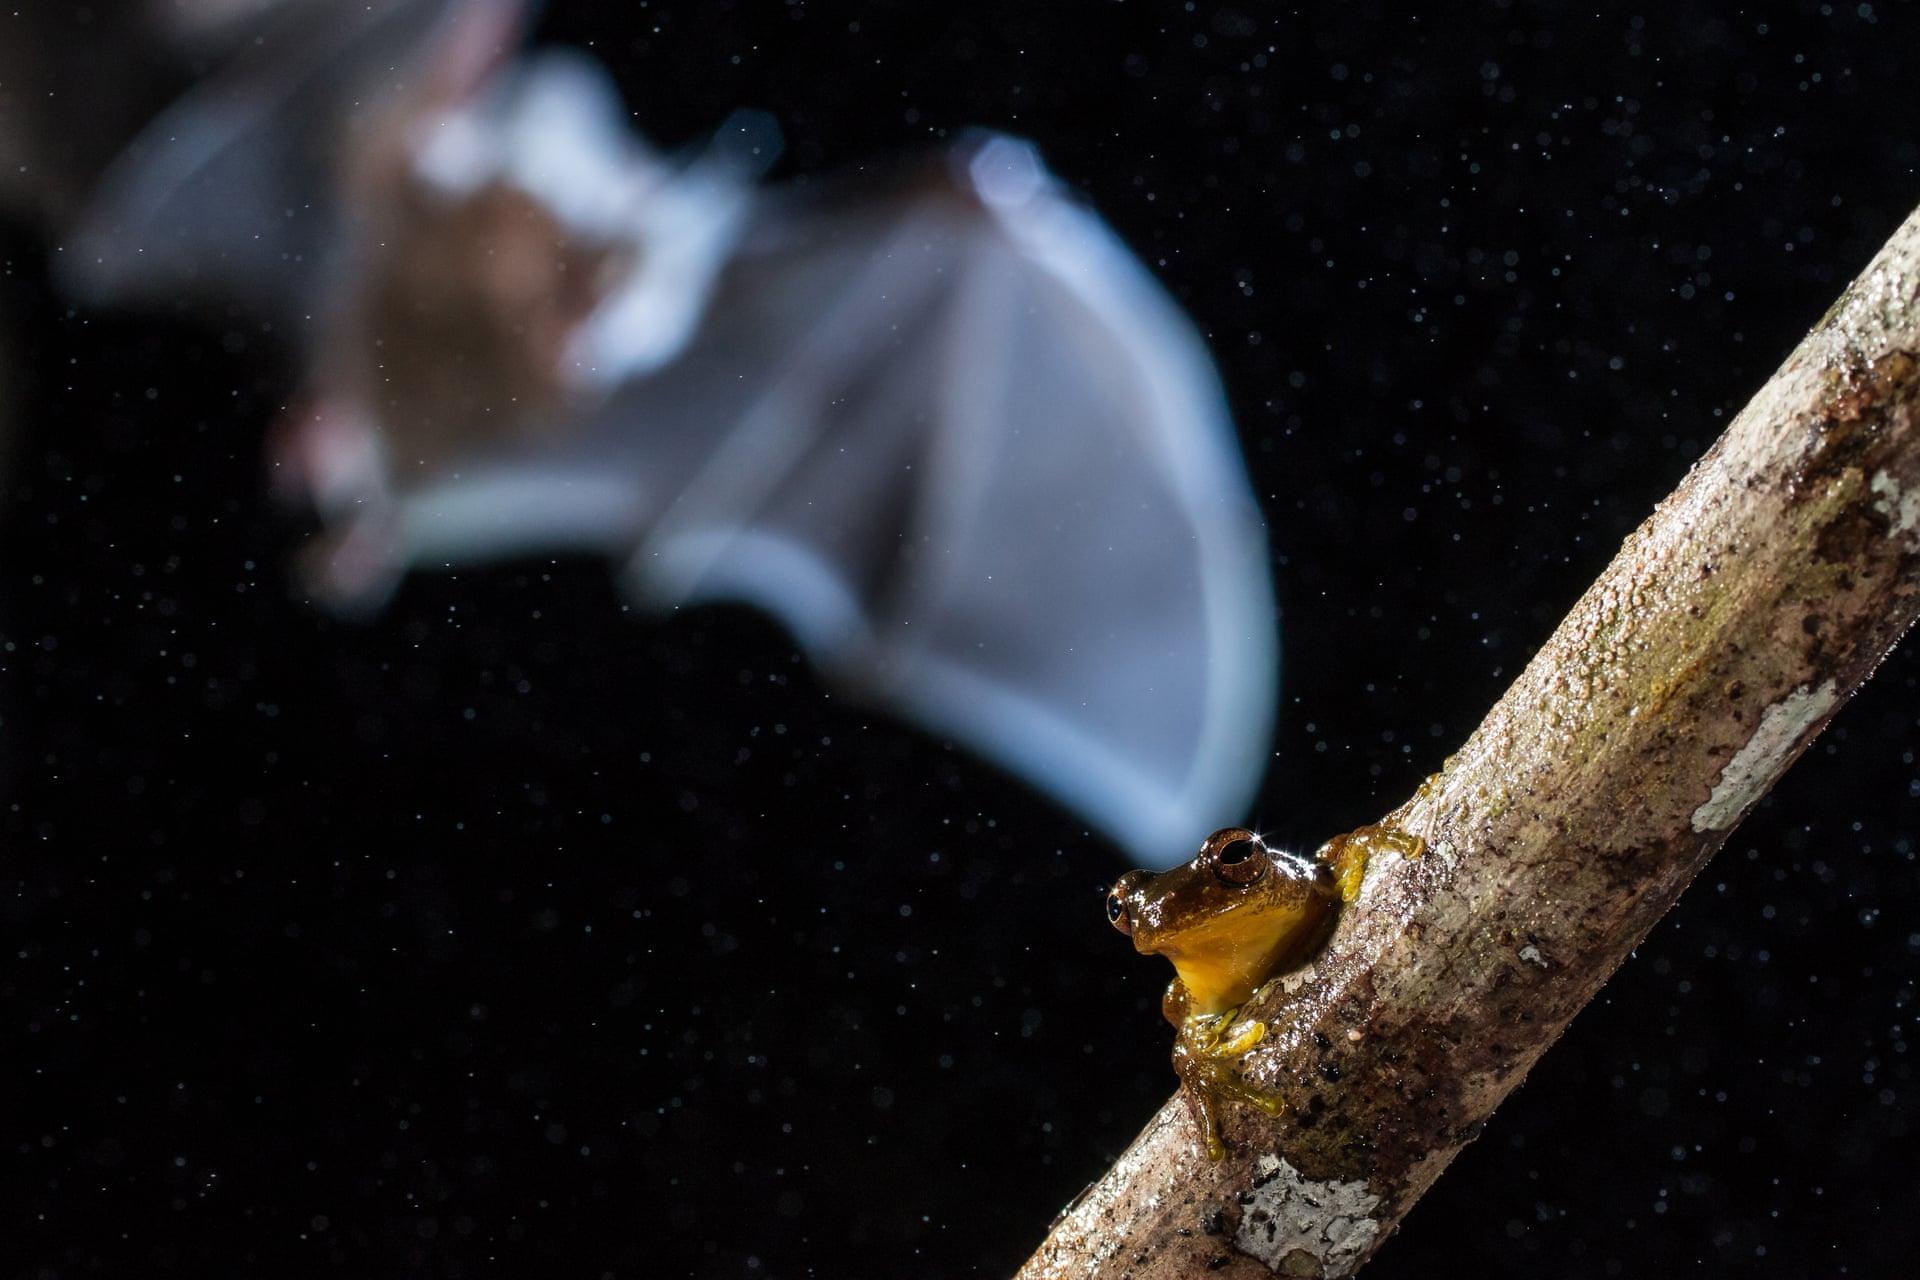 Размытый силуэт нафото — неотропическая летучая мышь сбахромой. Этот вид питается, восновном, лягушками, хотя вцелом их режим питания изучен неочень хорошо. Таких мышей легко определить попапиллообразным выступам наморде, а живут они влесах отМексики доБразилии. Фото сделано вМанаусе, Бразилия.